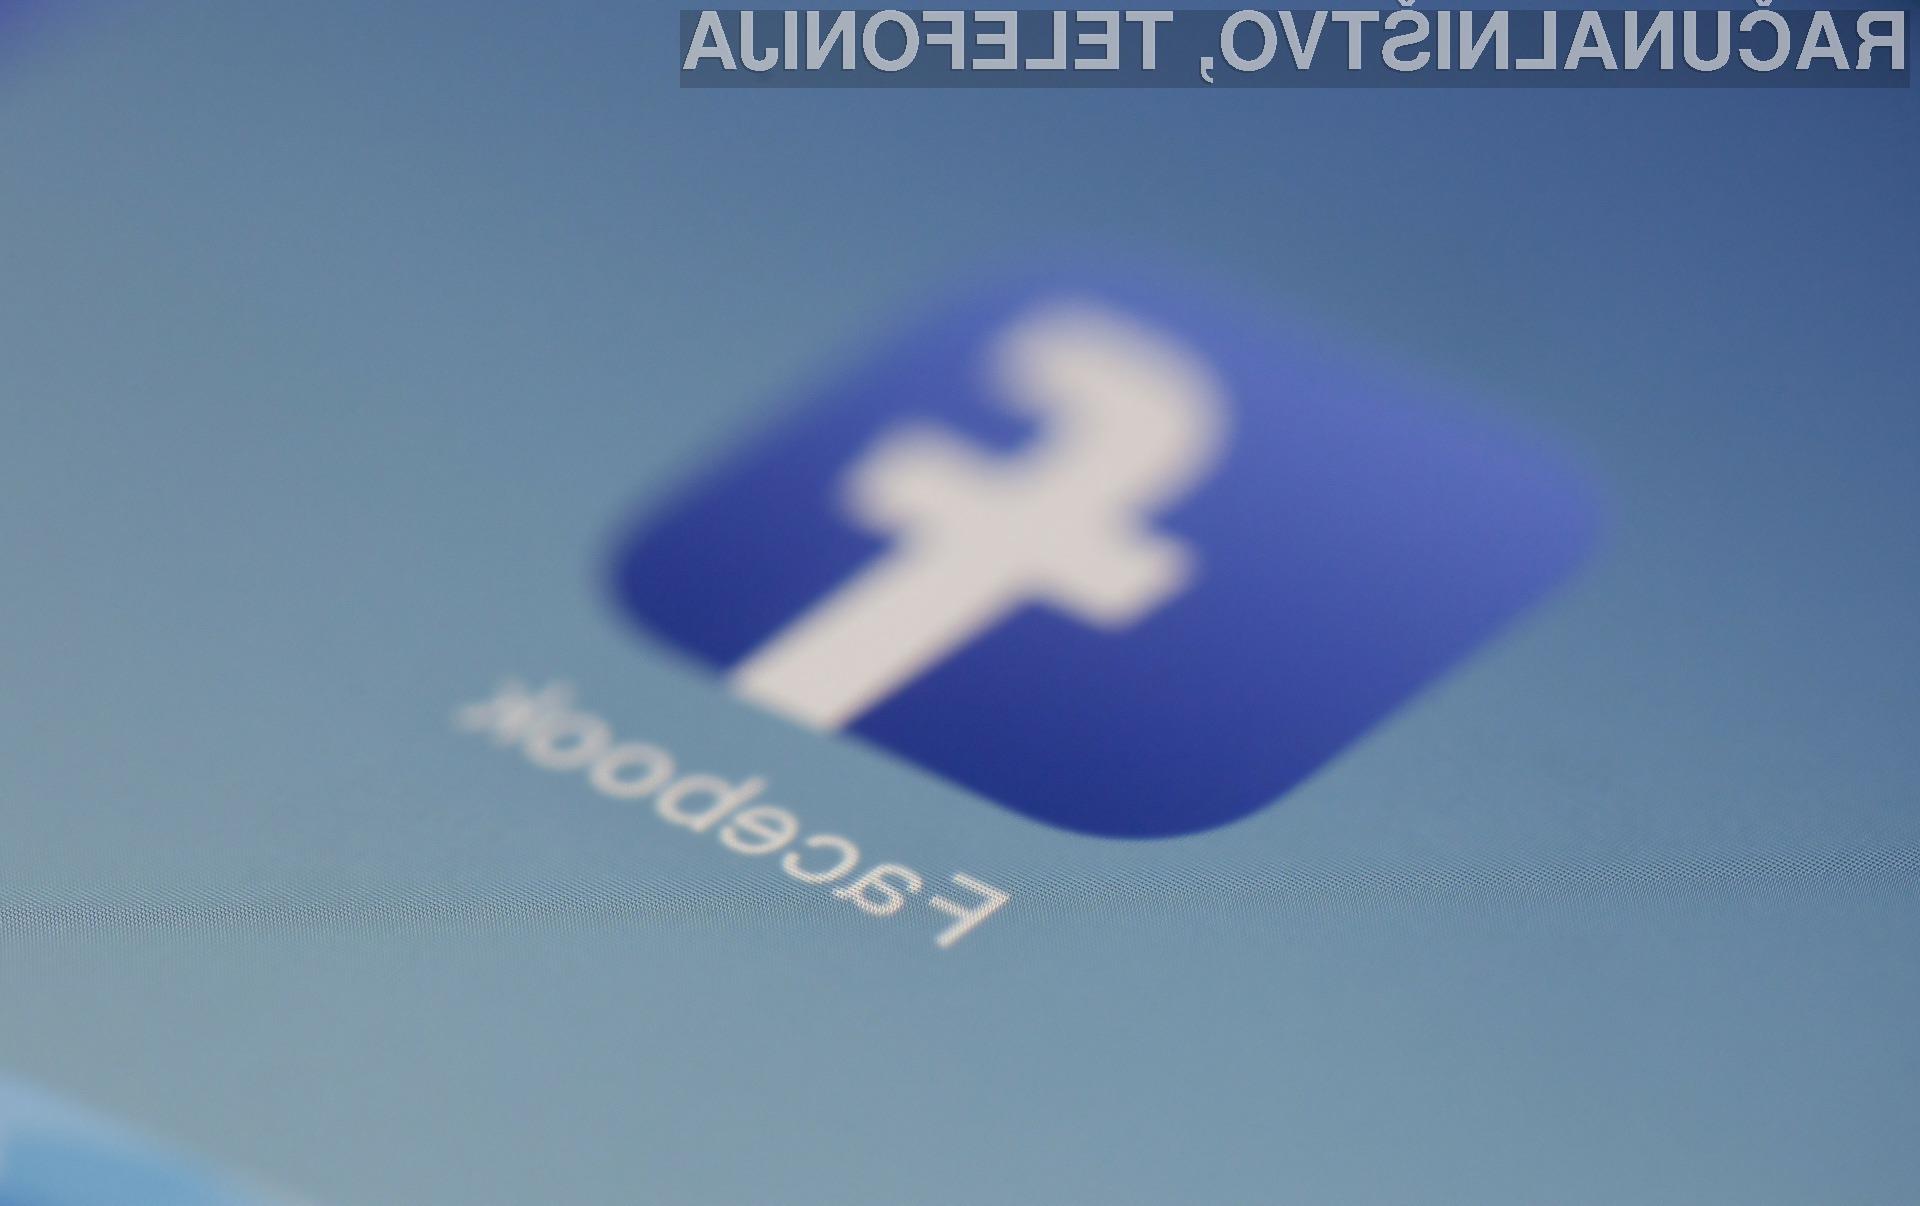 https://www.racunalniske-novice.com/novice/dogodki-in-obvestila/facebook-s-svojimi-dobrodelnimi-orodji-zbral-preko-milijarde-evrov.html?RSSf83d4222c0e7a280bd9dcd23db7d3f8b